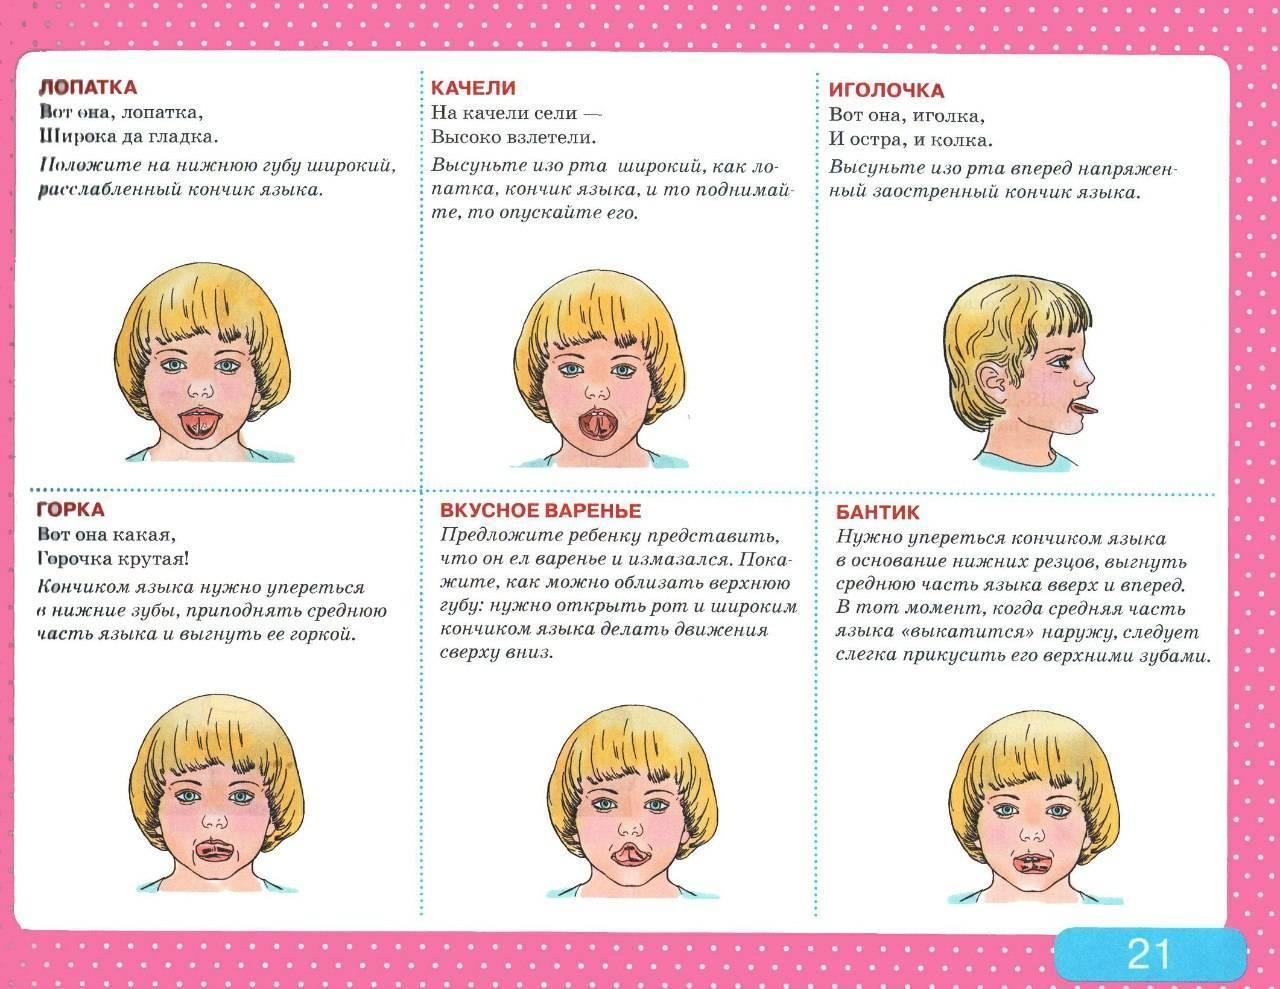 Как помочь ребенку 2-3 лет начать говорить: упражнения, артикуляционная гимнастика, игры, советы специалистов